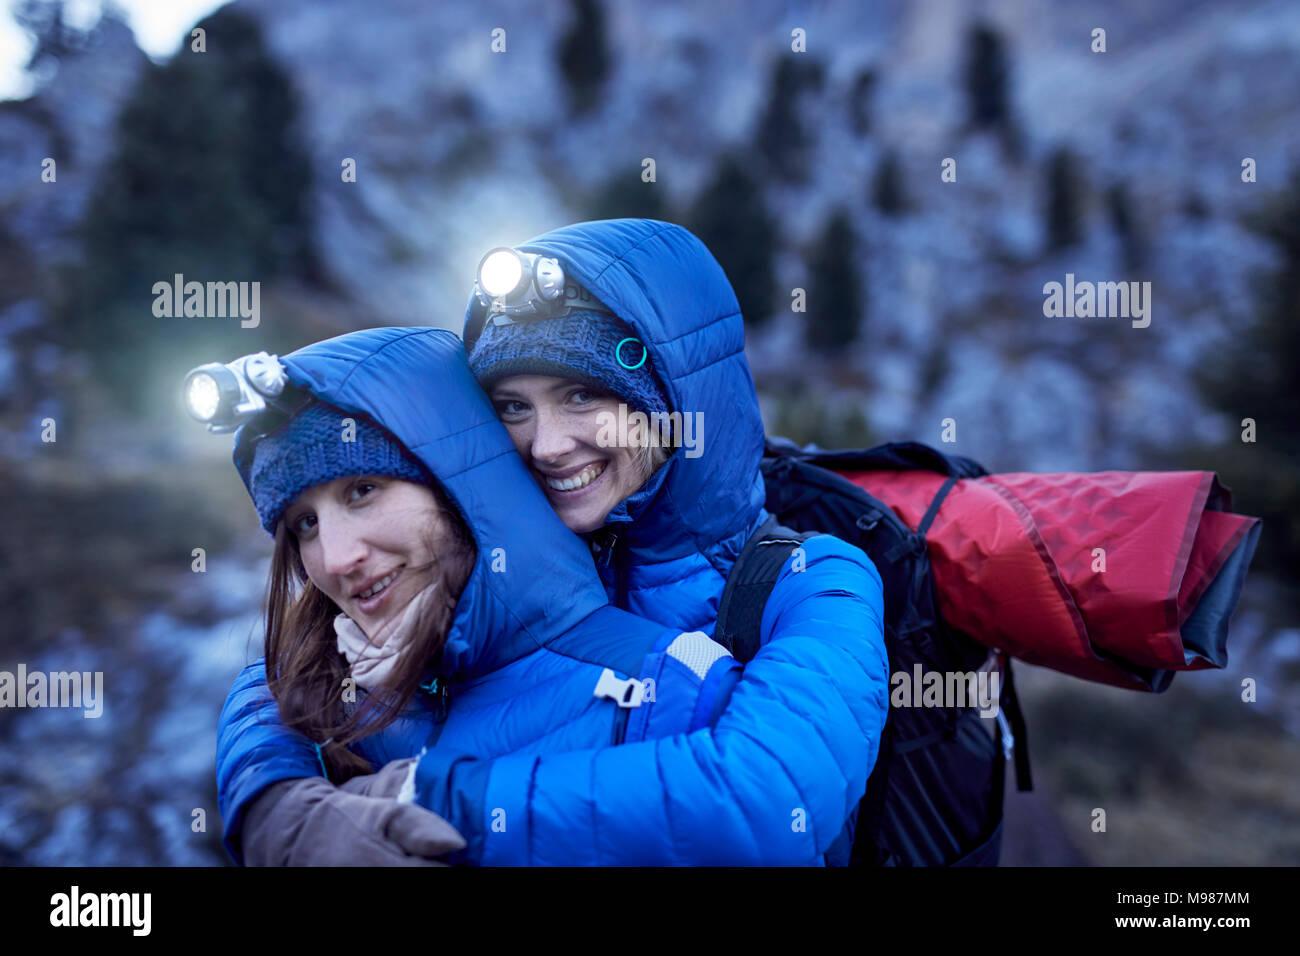 Felice di due giovani donne che indossano i proiettori abbracciando in montagna Immagini Stock